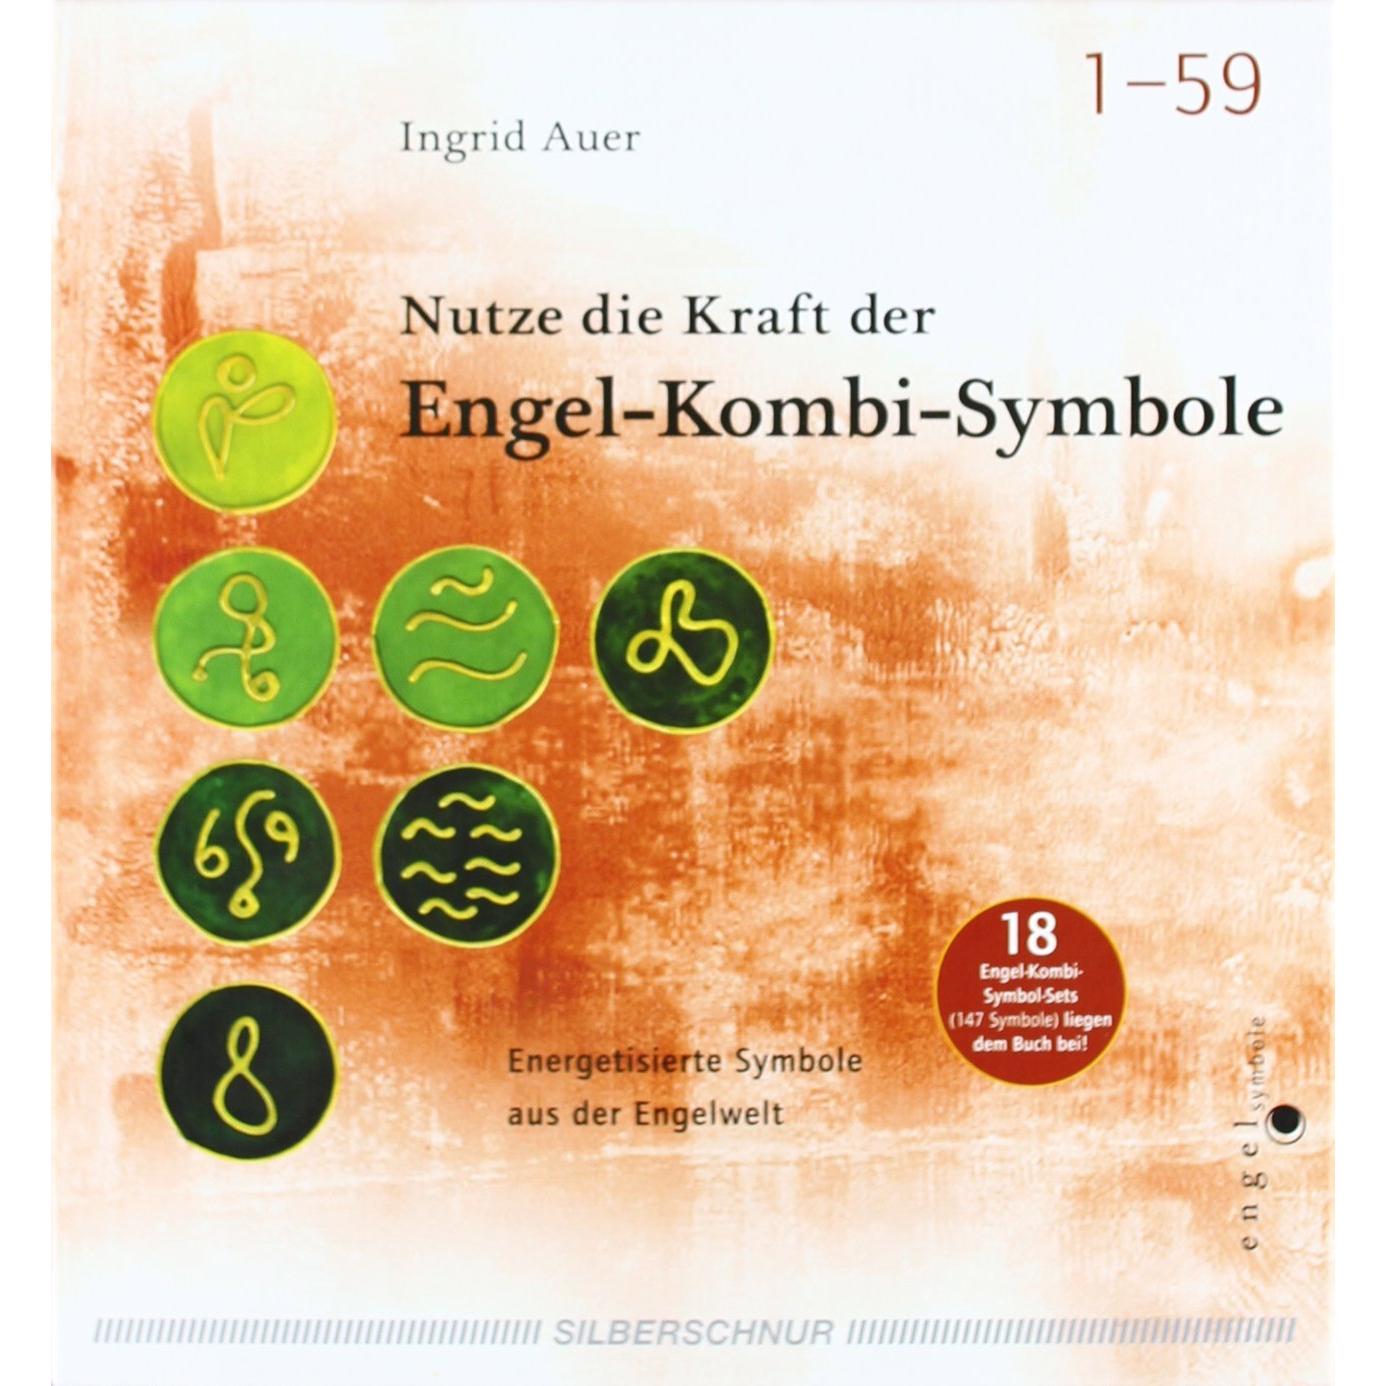 Ingrid Auer :: Bücher und Kartensets :: Nutze die Kraft der Engel ...